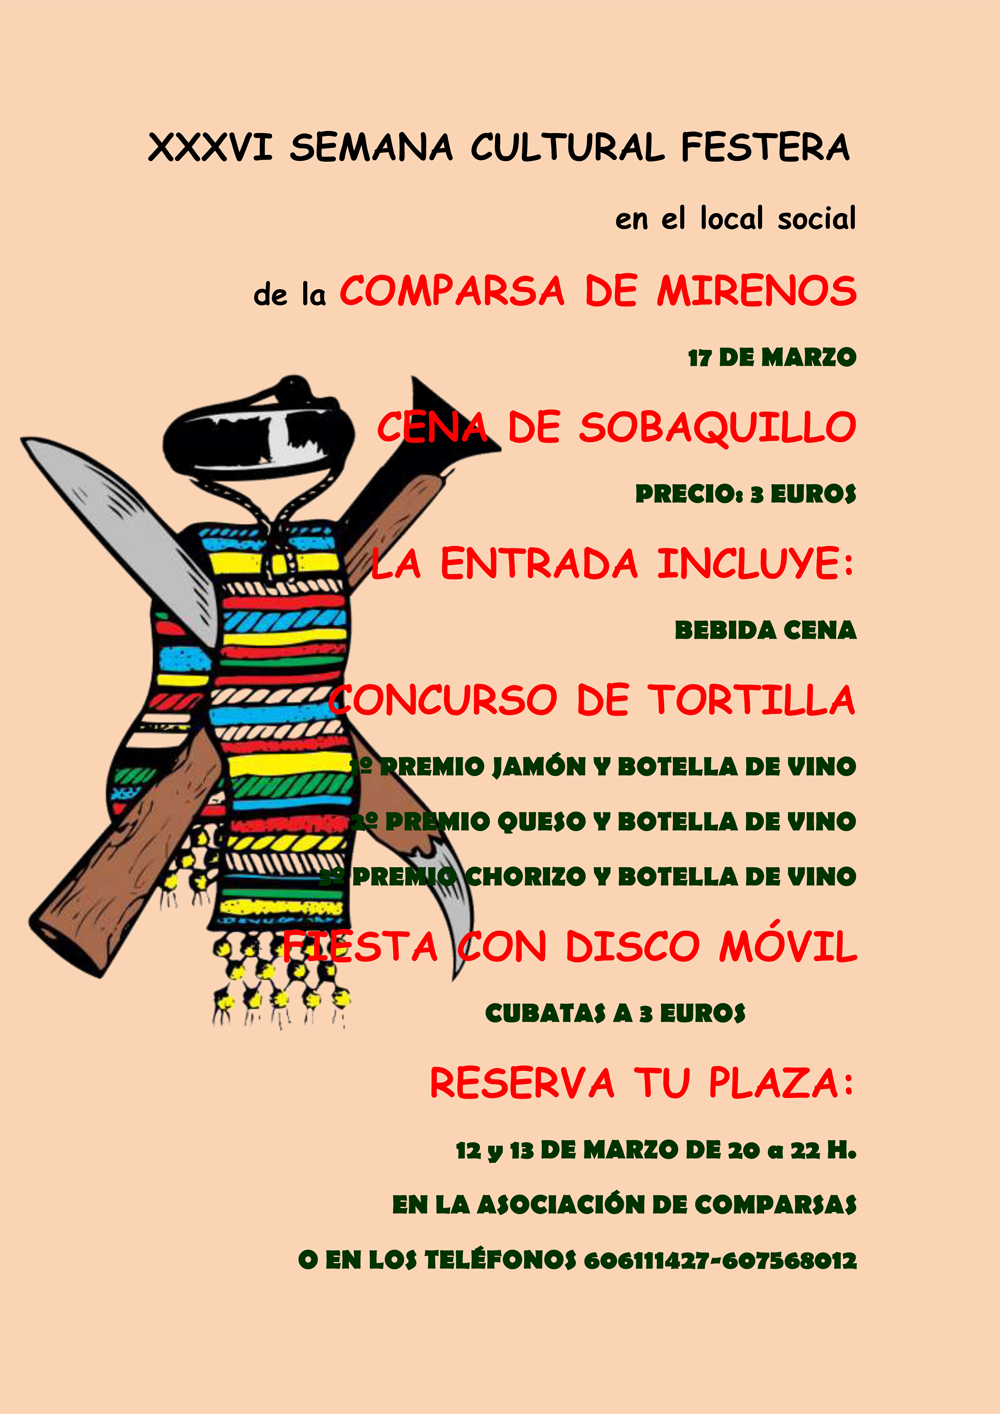 Cena sobaquillo 17 marzo 2012